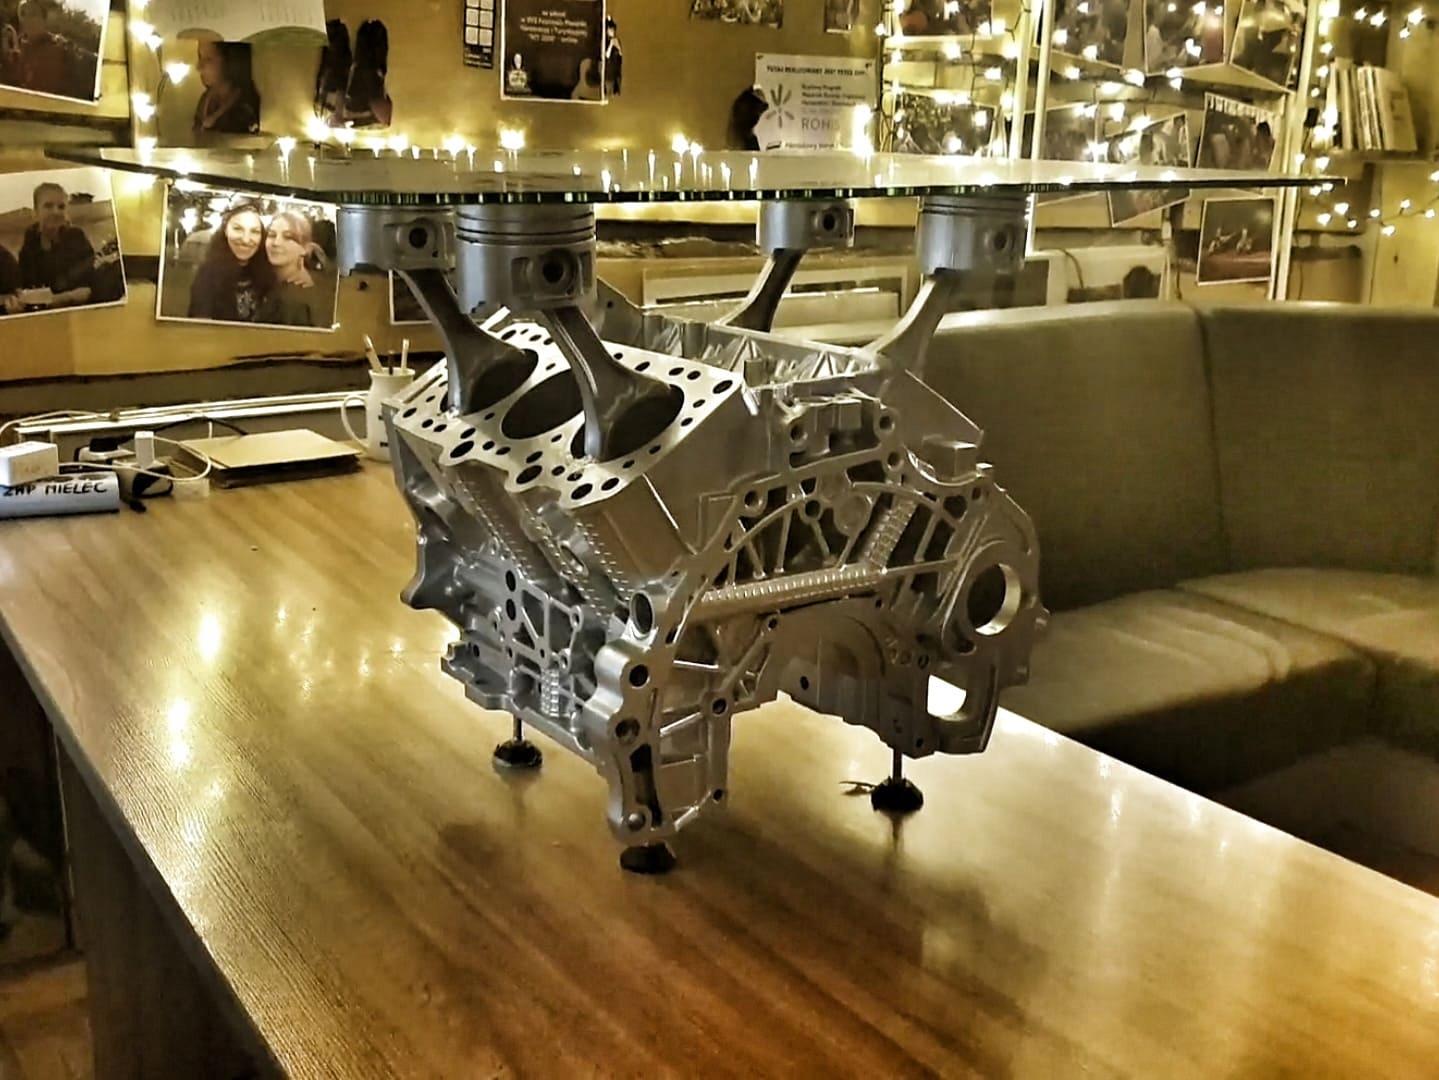 Stolik z bloku silnika V6 dla WOŚP 10069311466 - Charytatywni Allegro